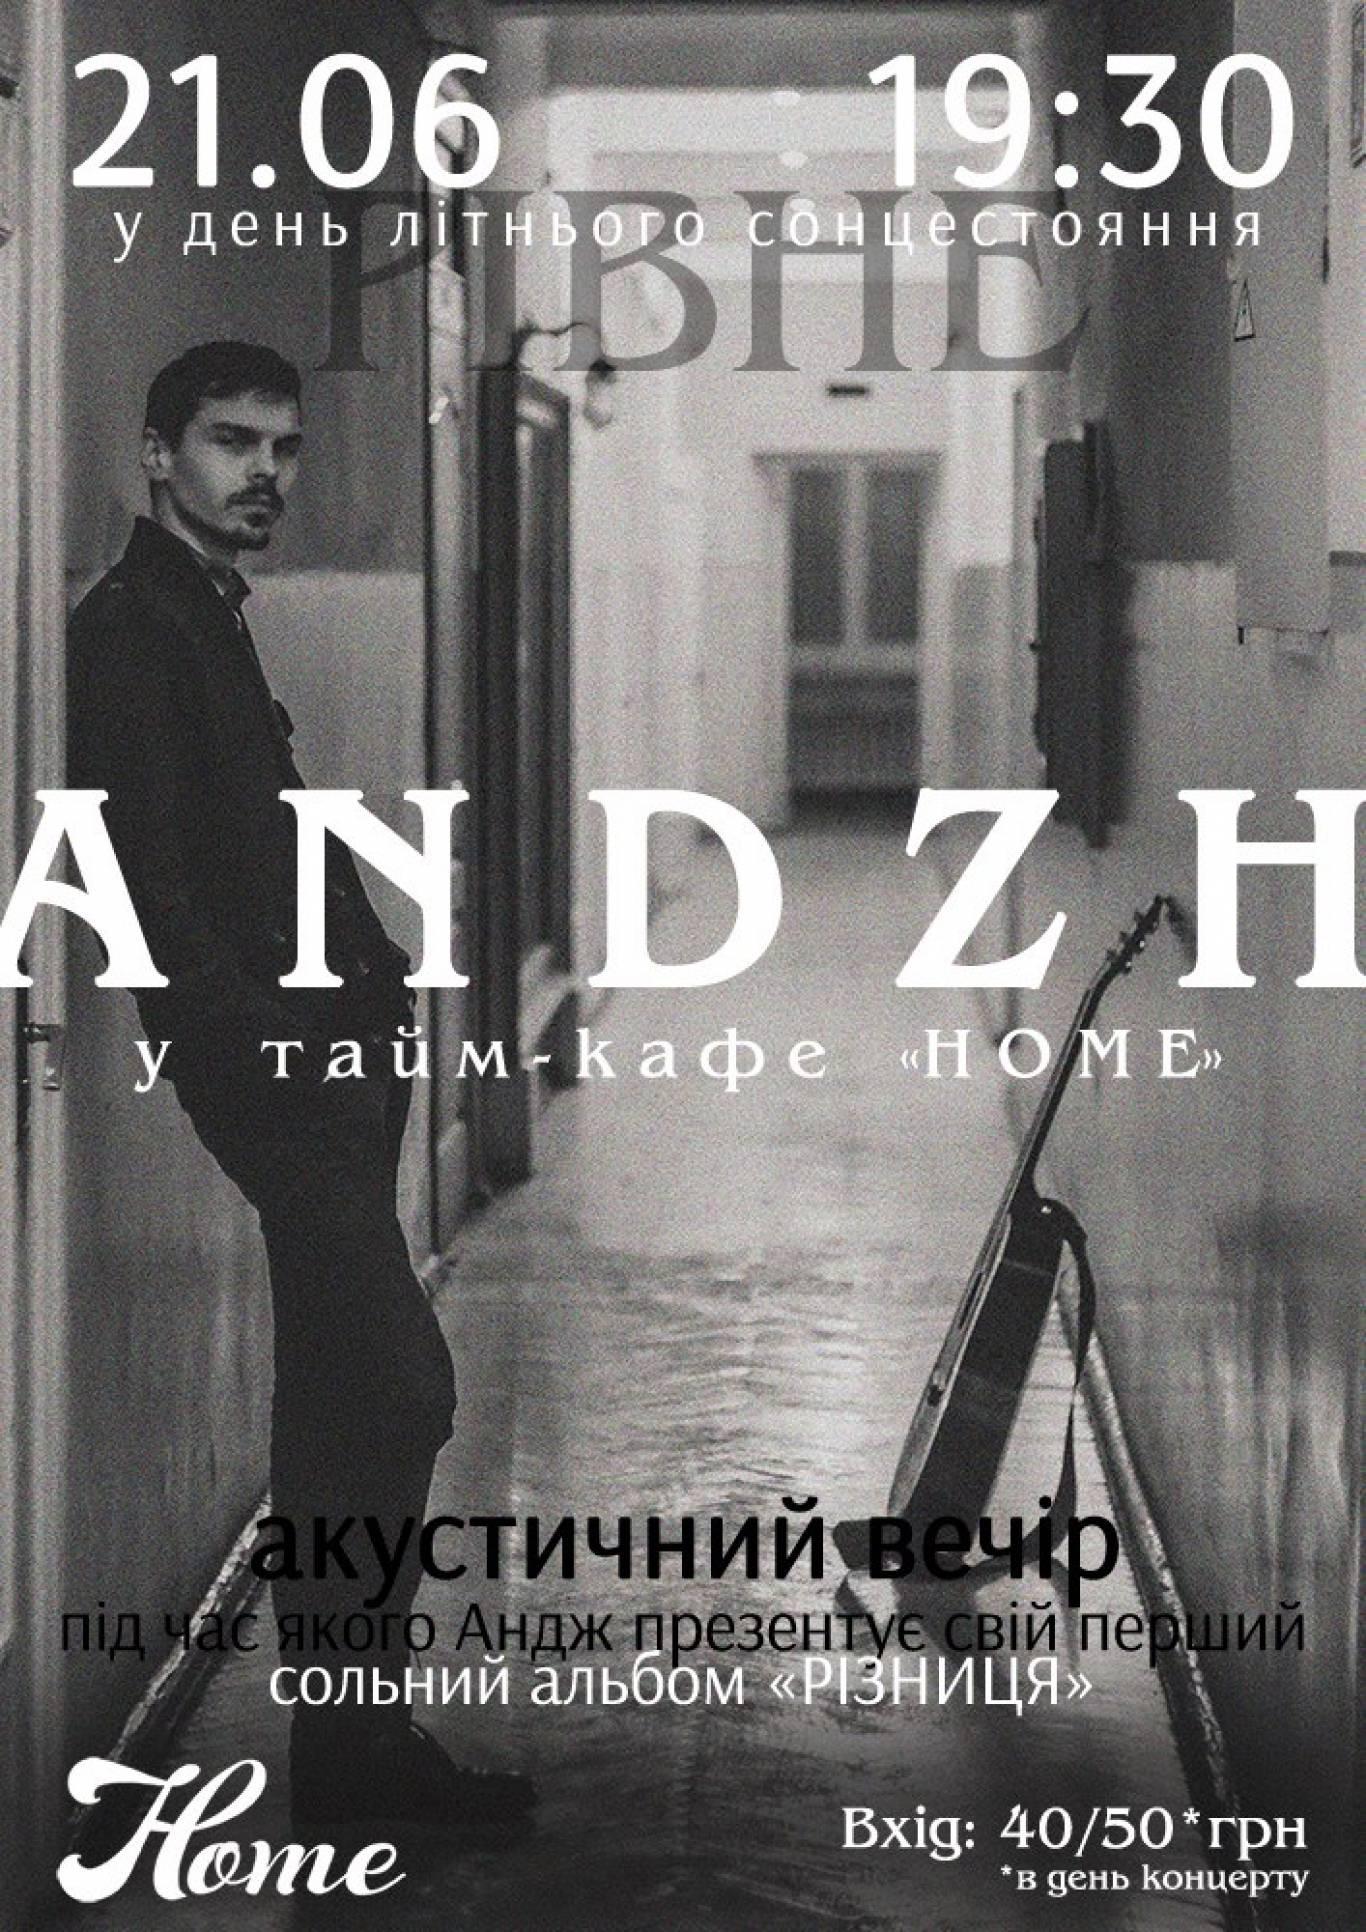 Акустичний концерт Andzh у Рівному